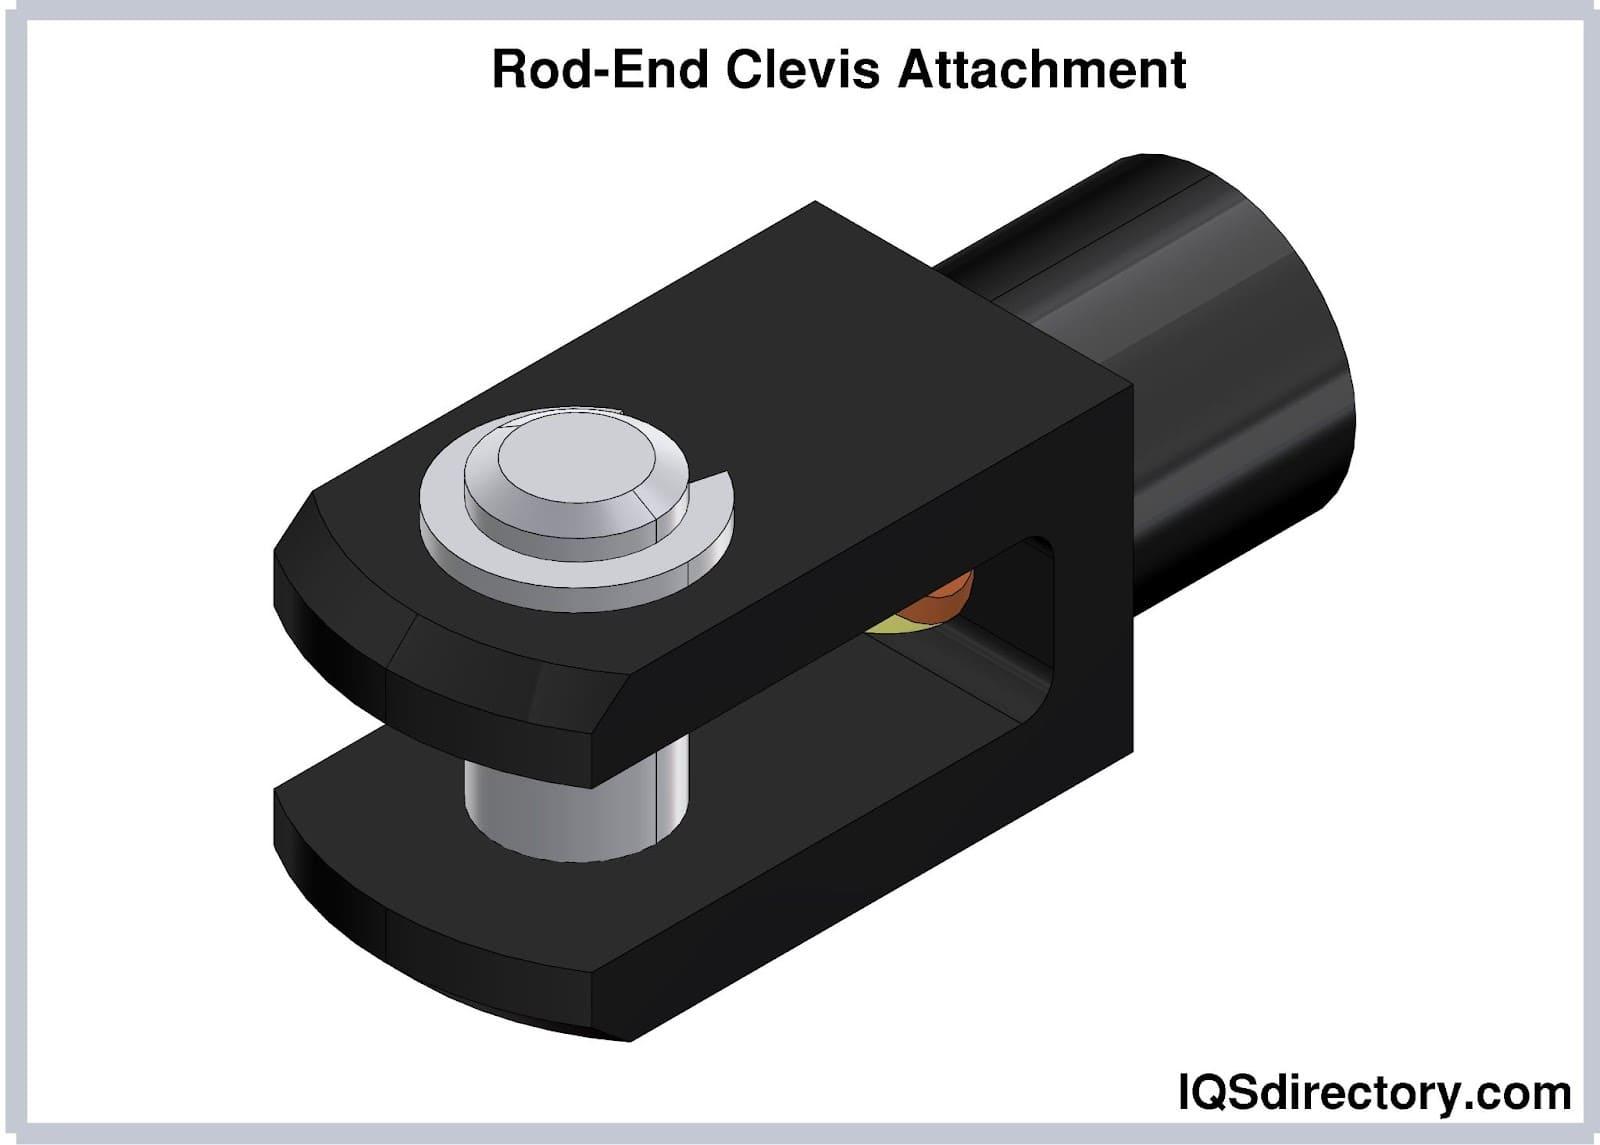 Rod-End Clevis Attachment